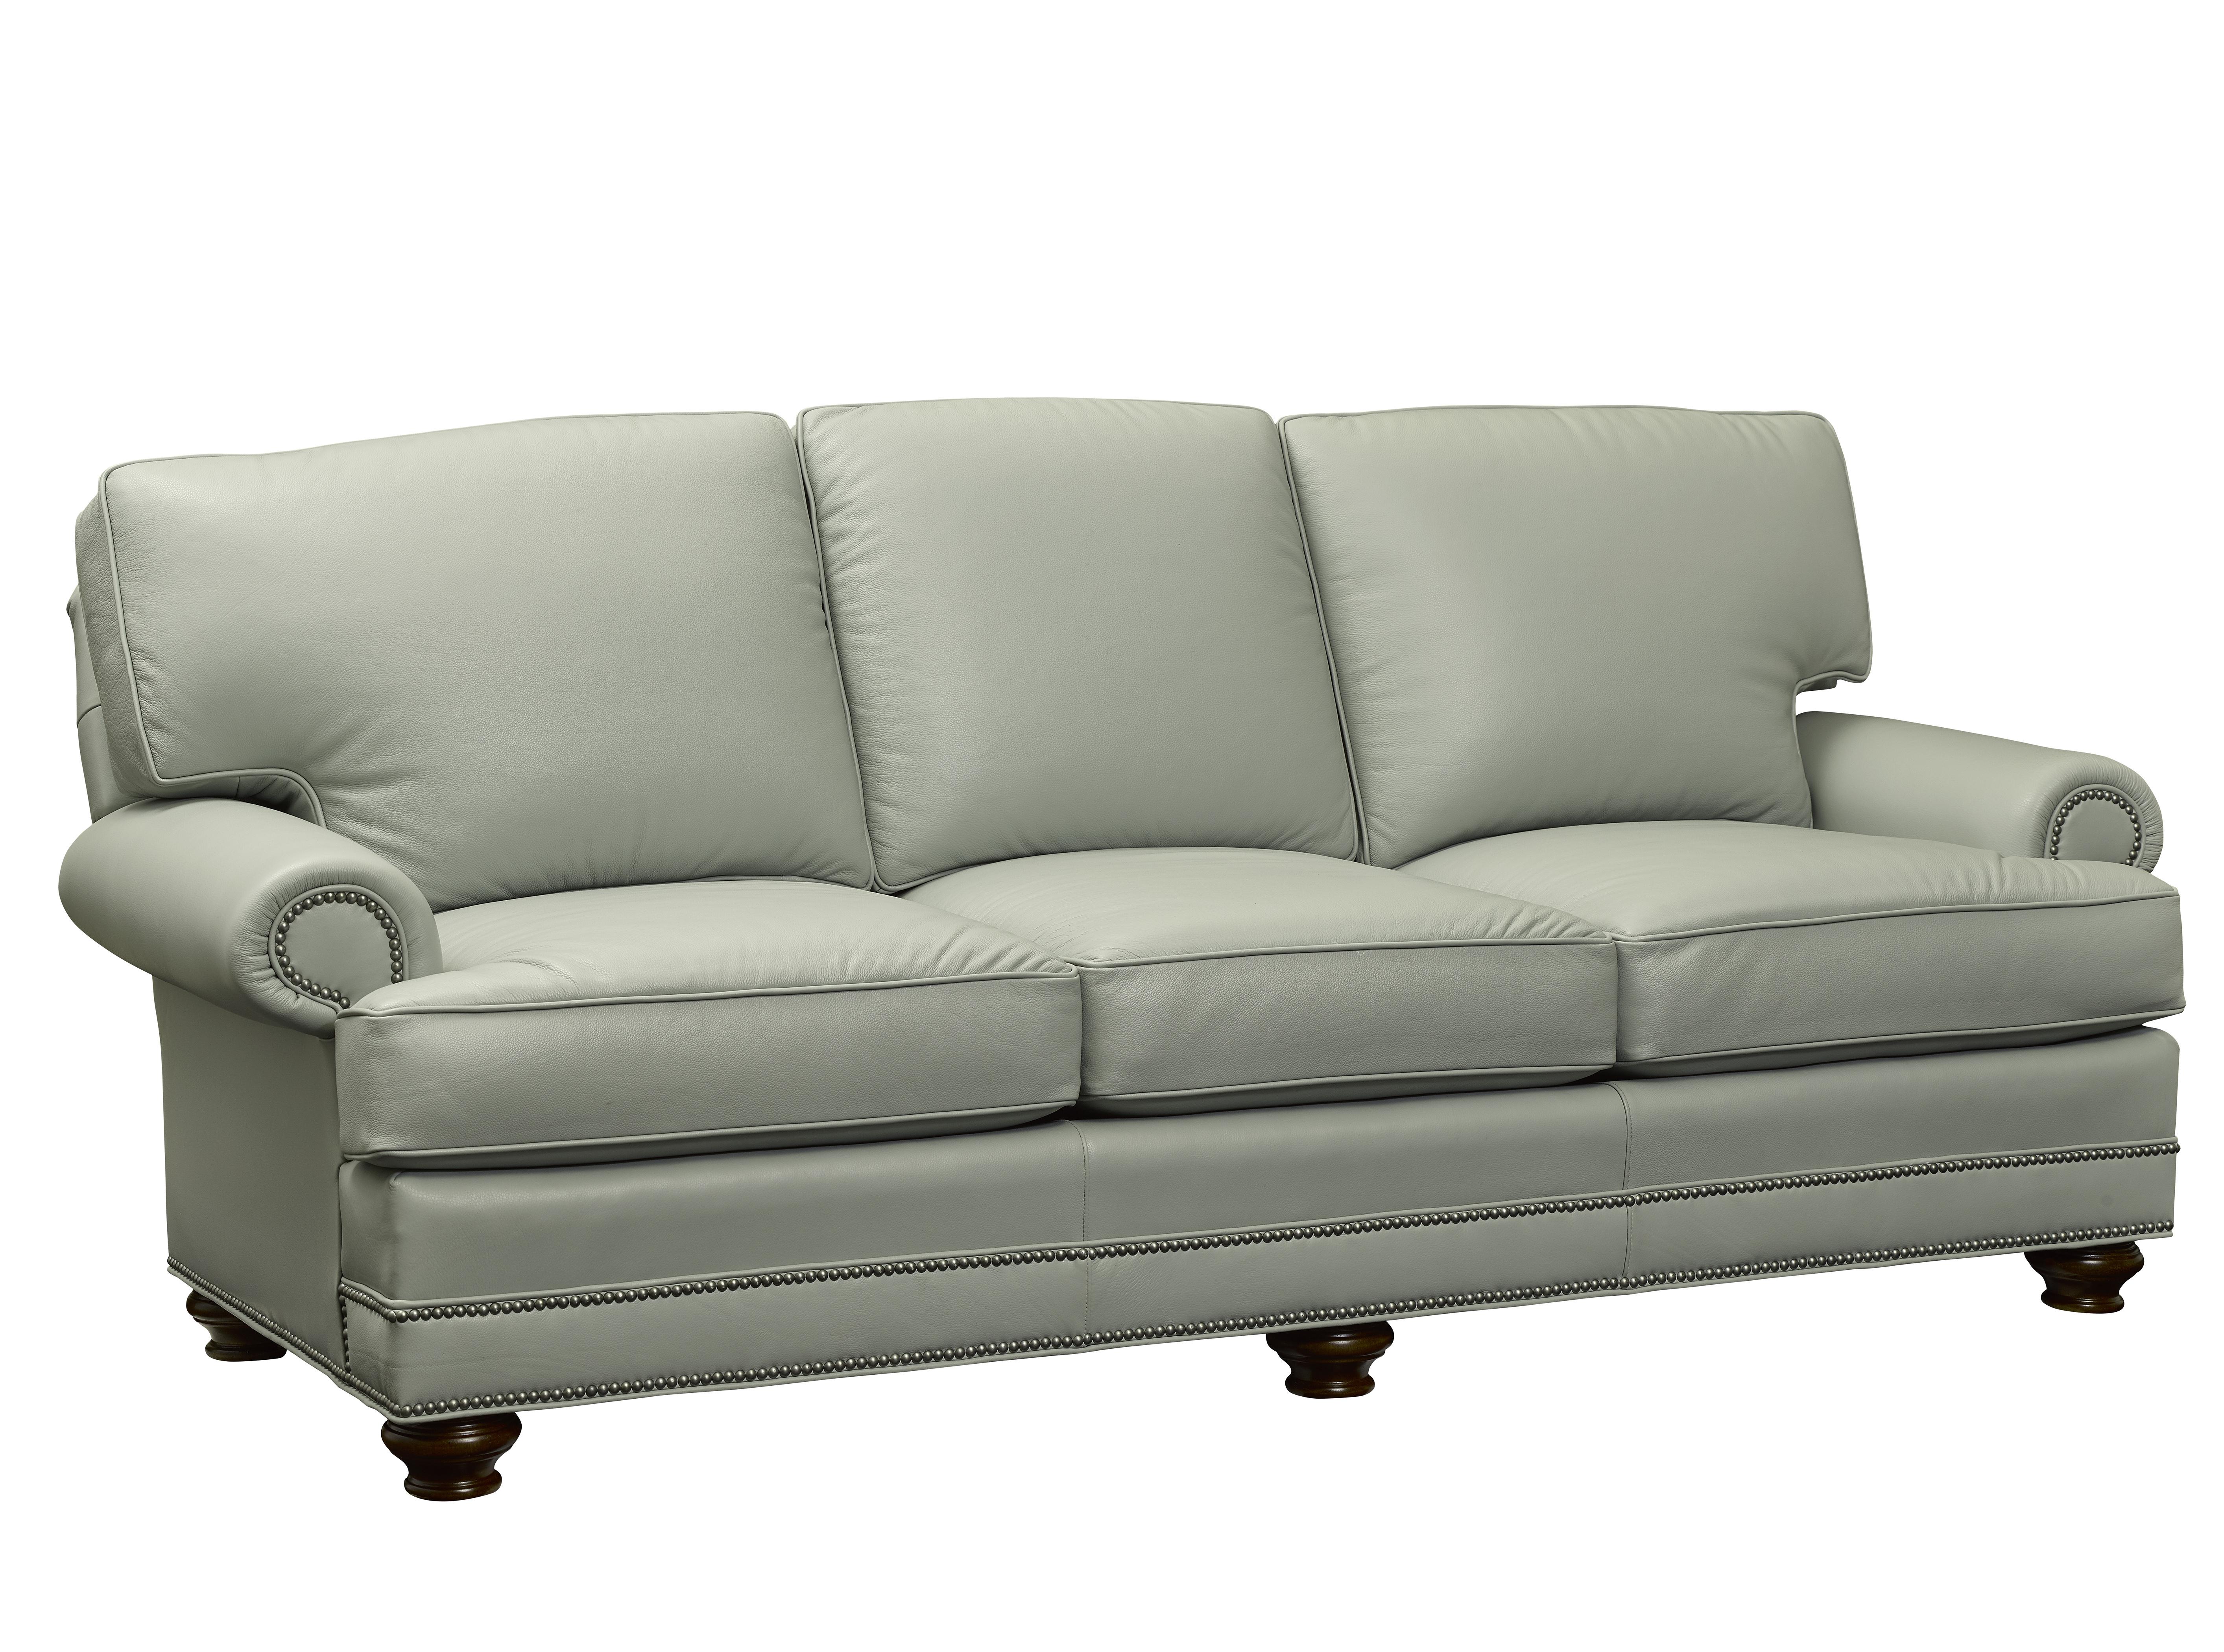 2560-68S Garland Sleeper Sofa